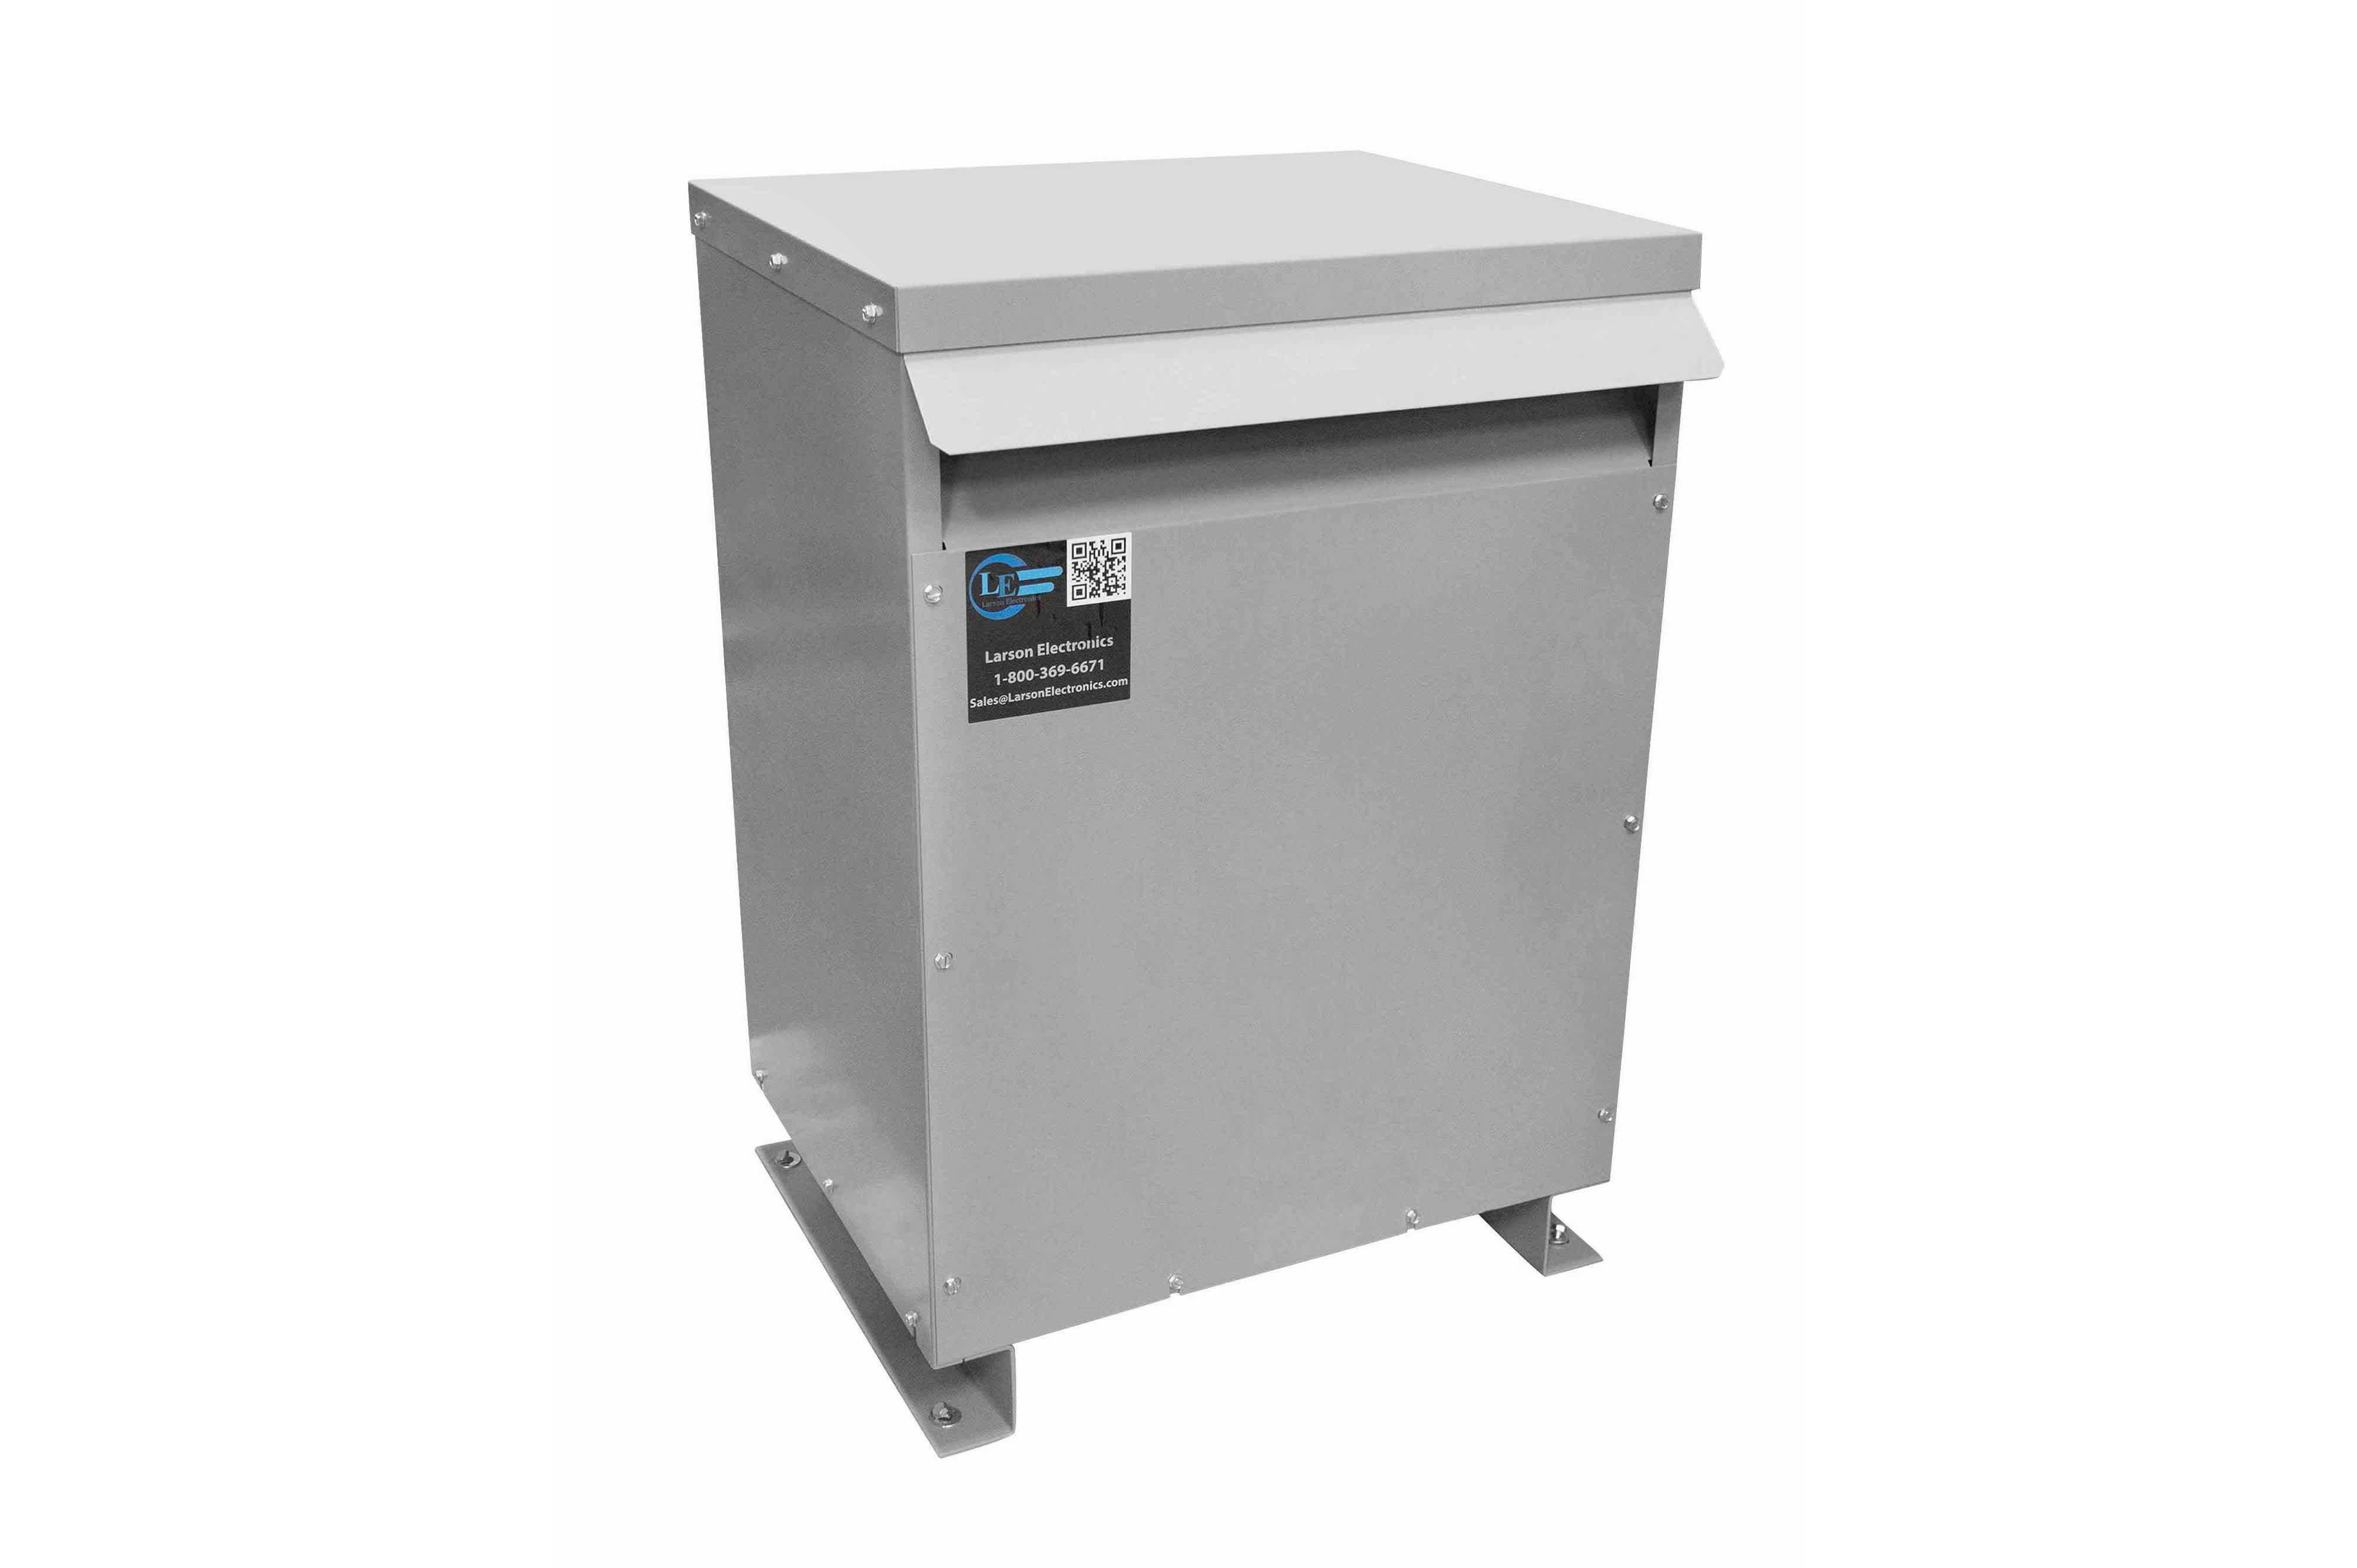 25 kVA 3PH Isolation Transformer, 400V Delta Primary, 240 Delta Secondary, N3R, Ventilated, 60 Hz